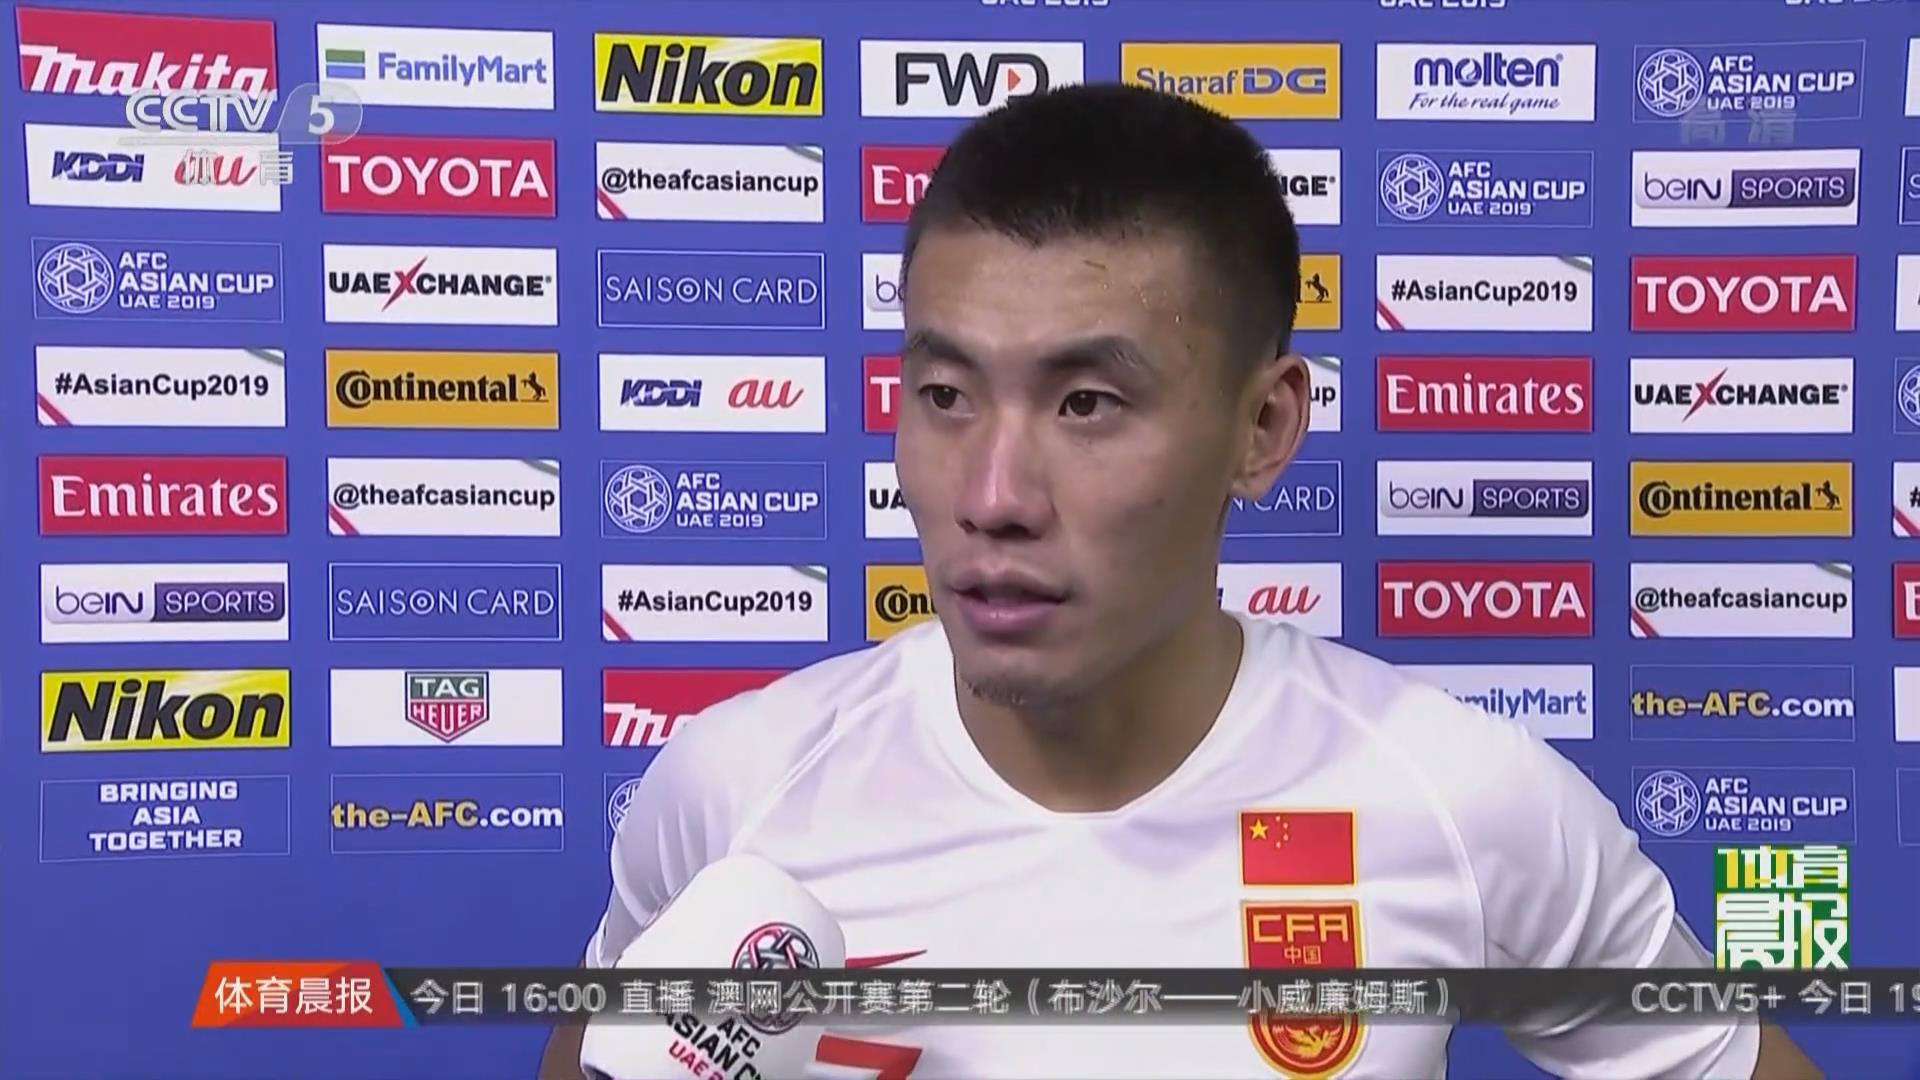 中國隊球員賽後接受採訪